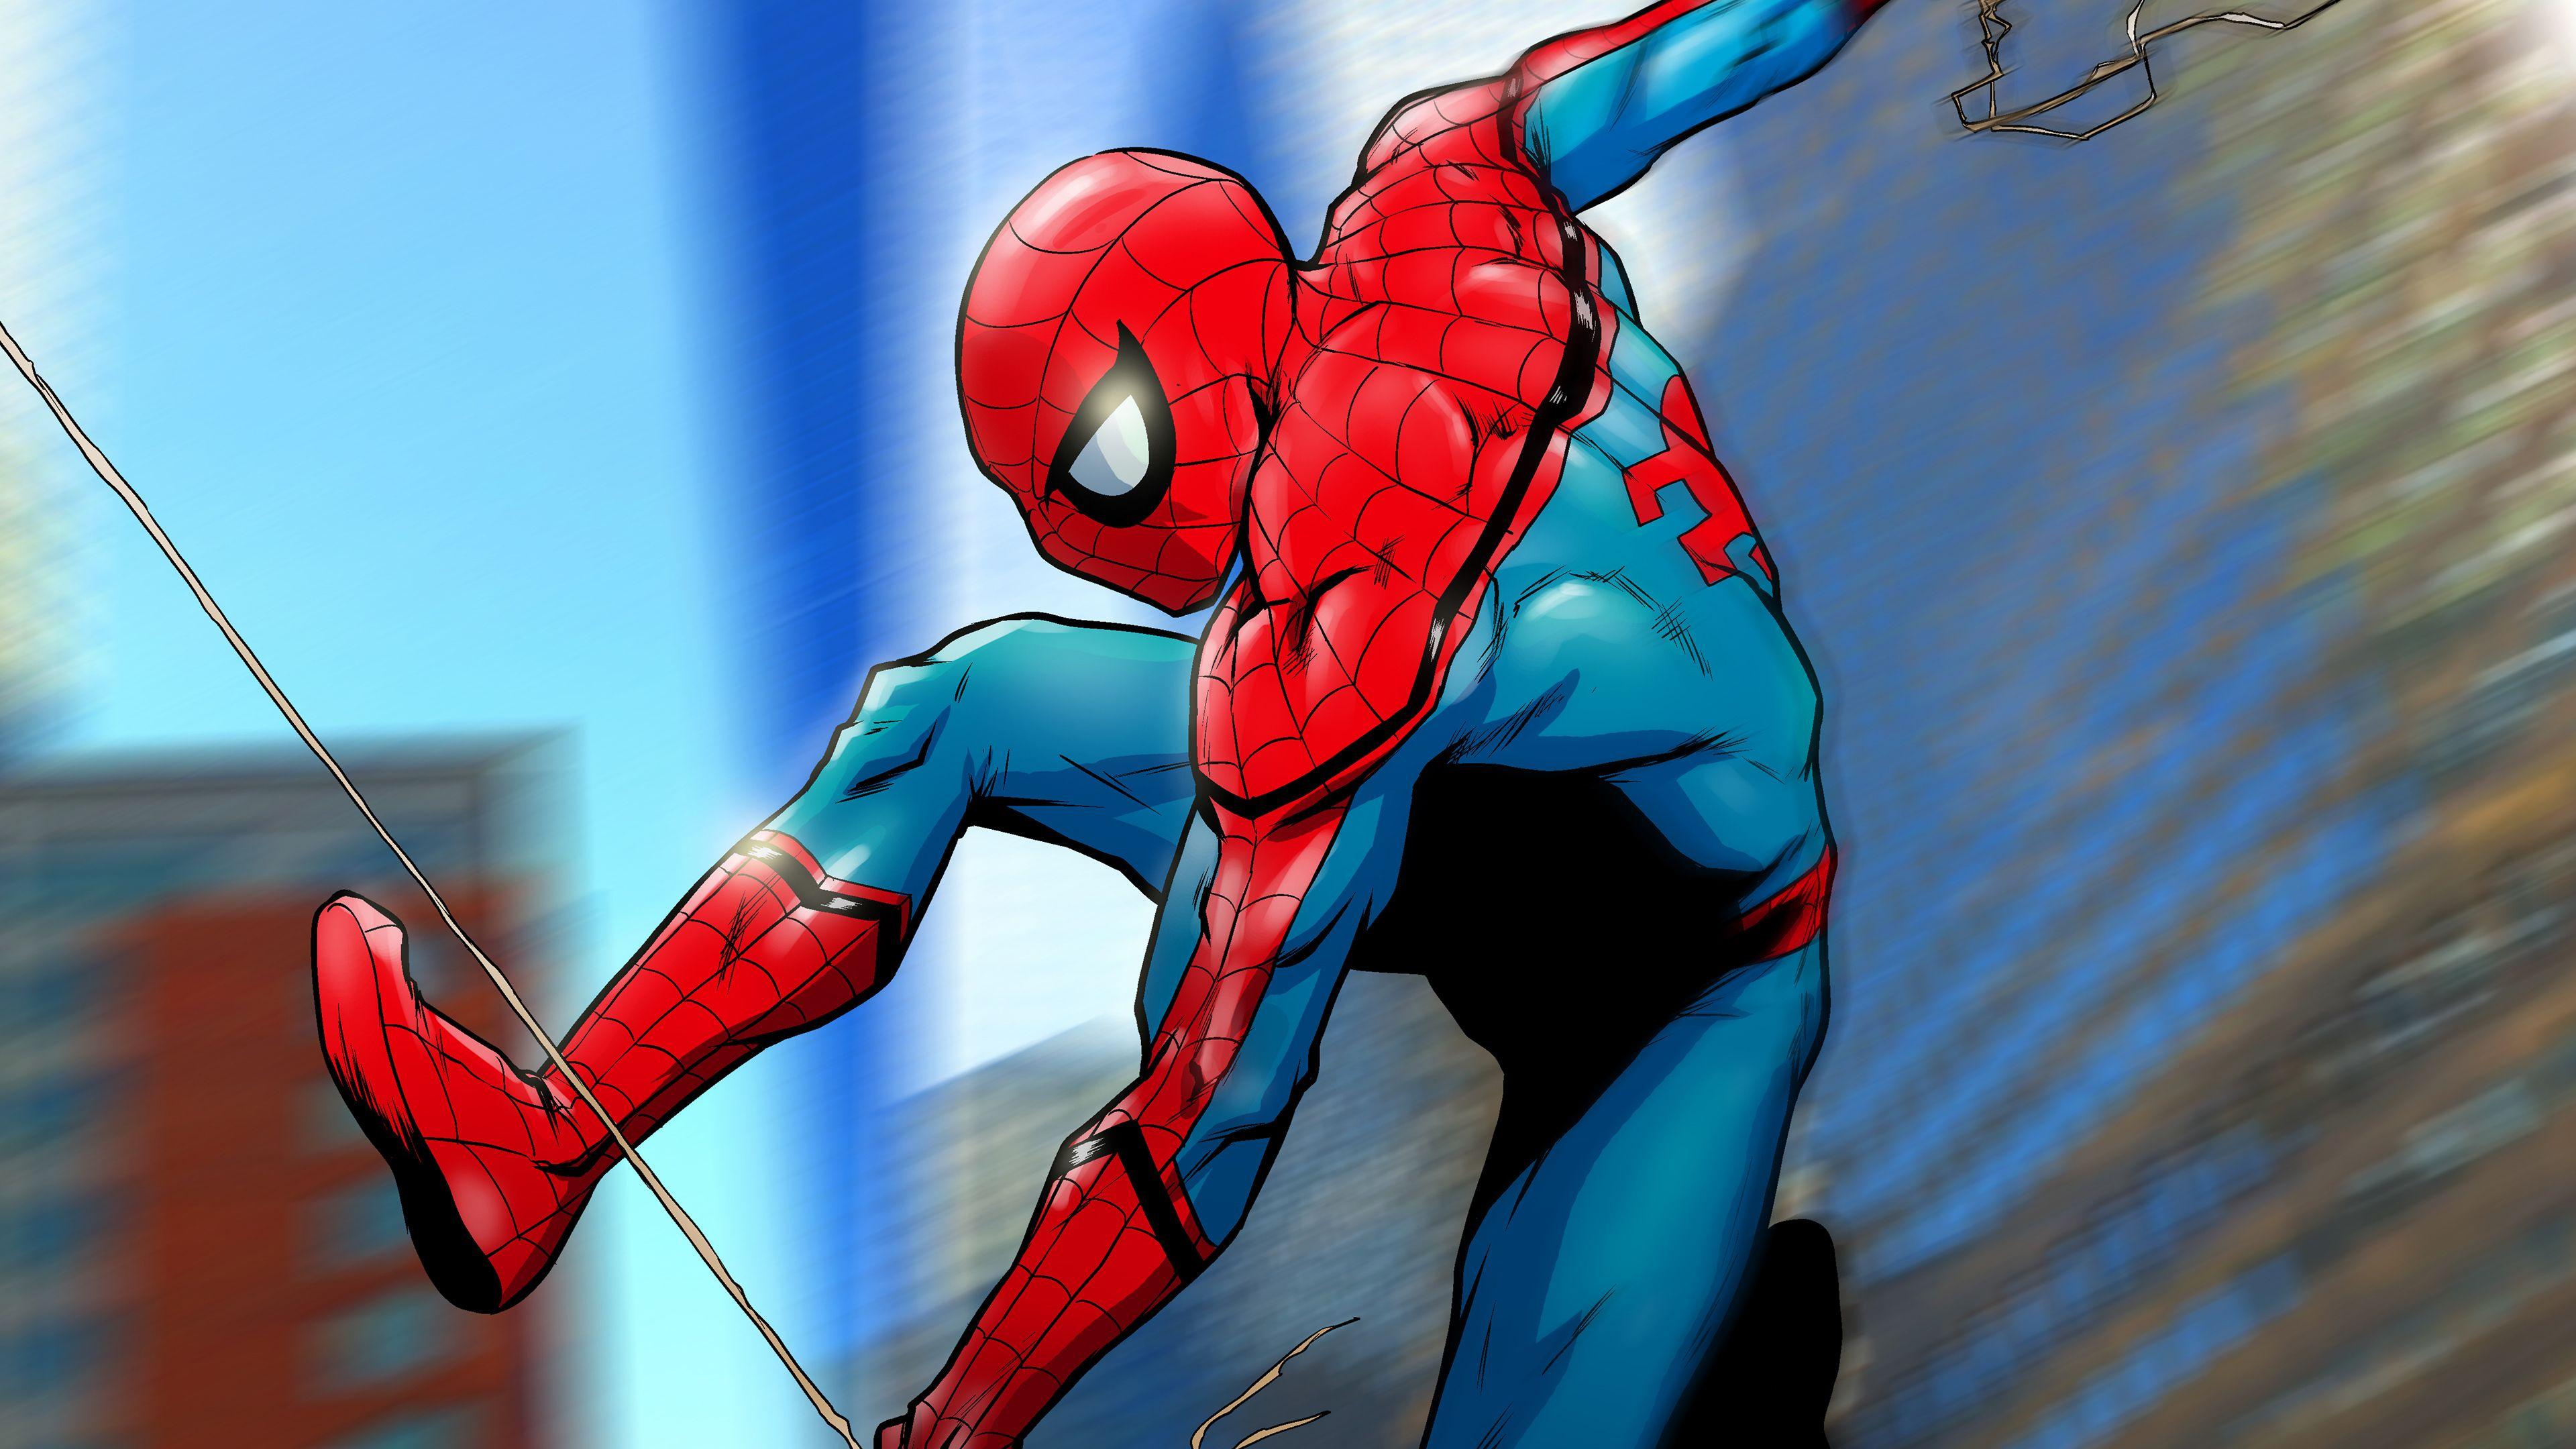 Spiderman Artwork 4k Superheroes Wallpapers Spiderman Wallpapers Hd Wallpapers Digital Art Wallpaper Spiderman Artwork Watercolor Wallpaper Iphone Spiderman